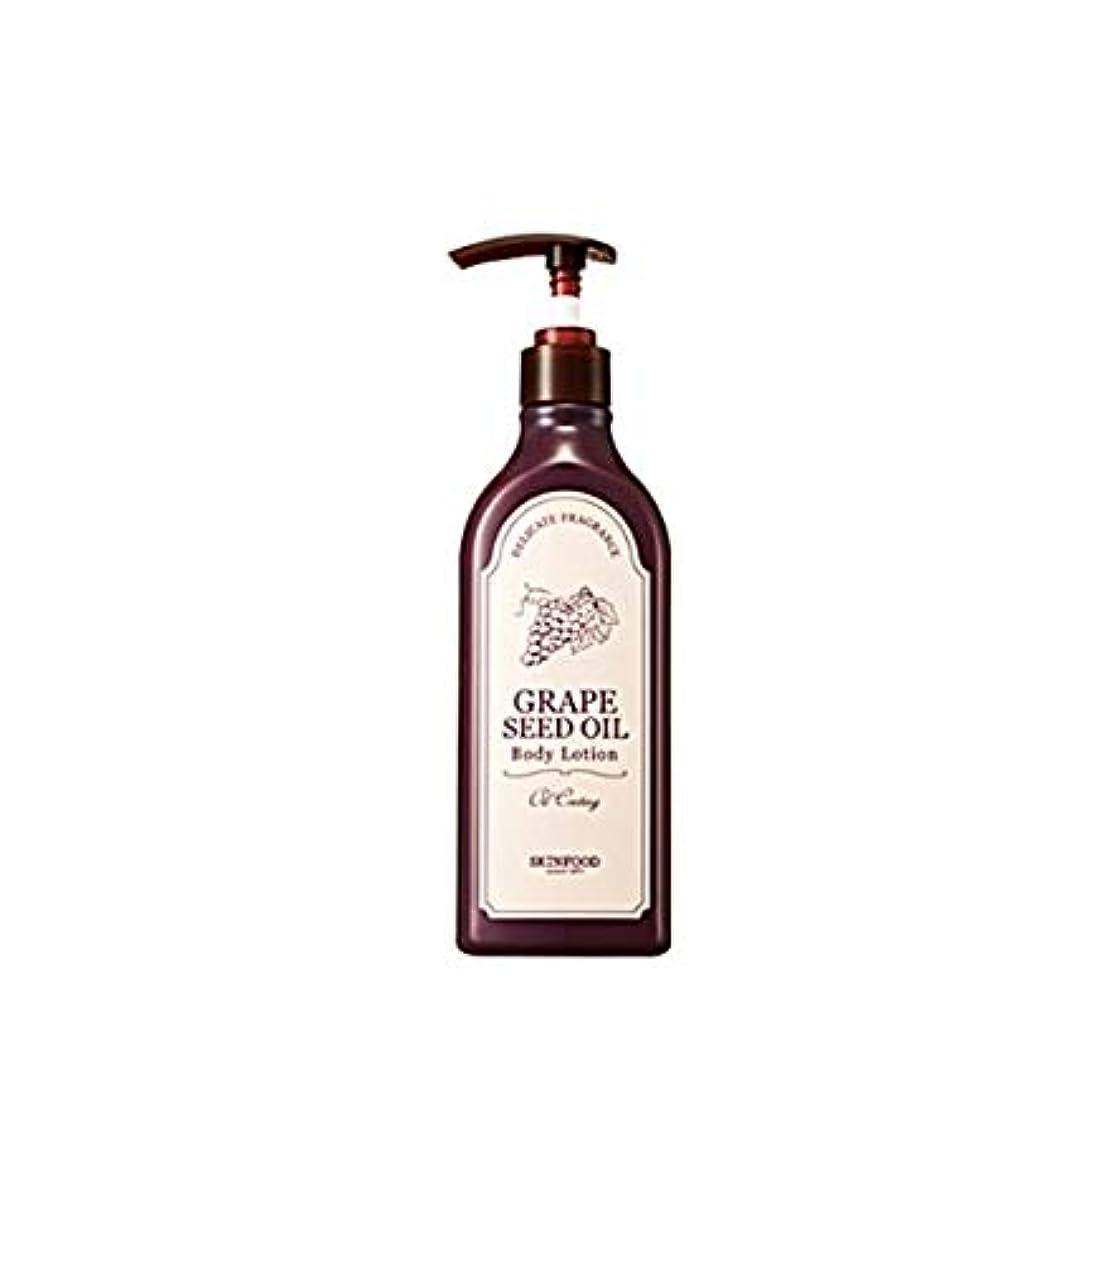 上院舗装するレンドSkinfood グレープシードオイルボディローション/Grape Seed Oil Body Lotion 335 ml [並行輸入品]